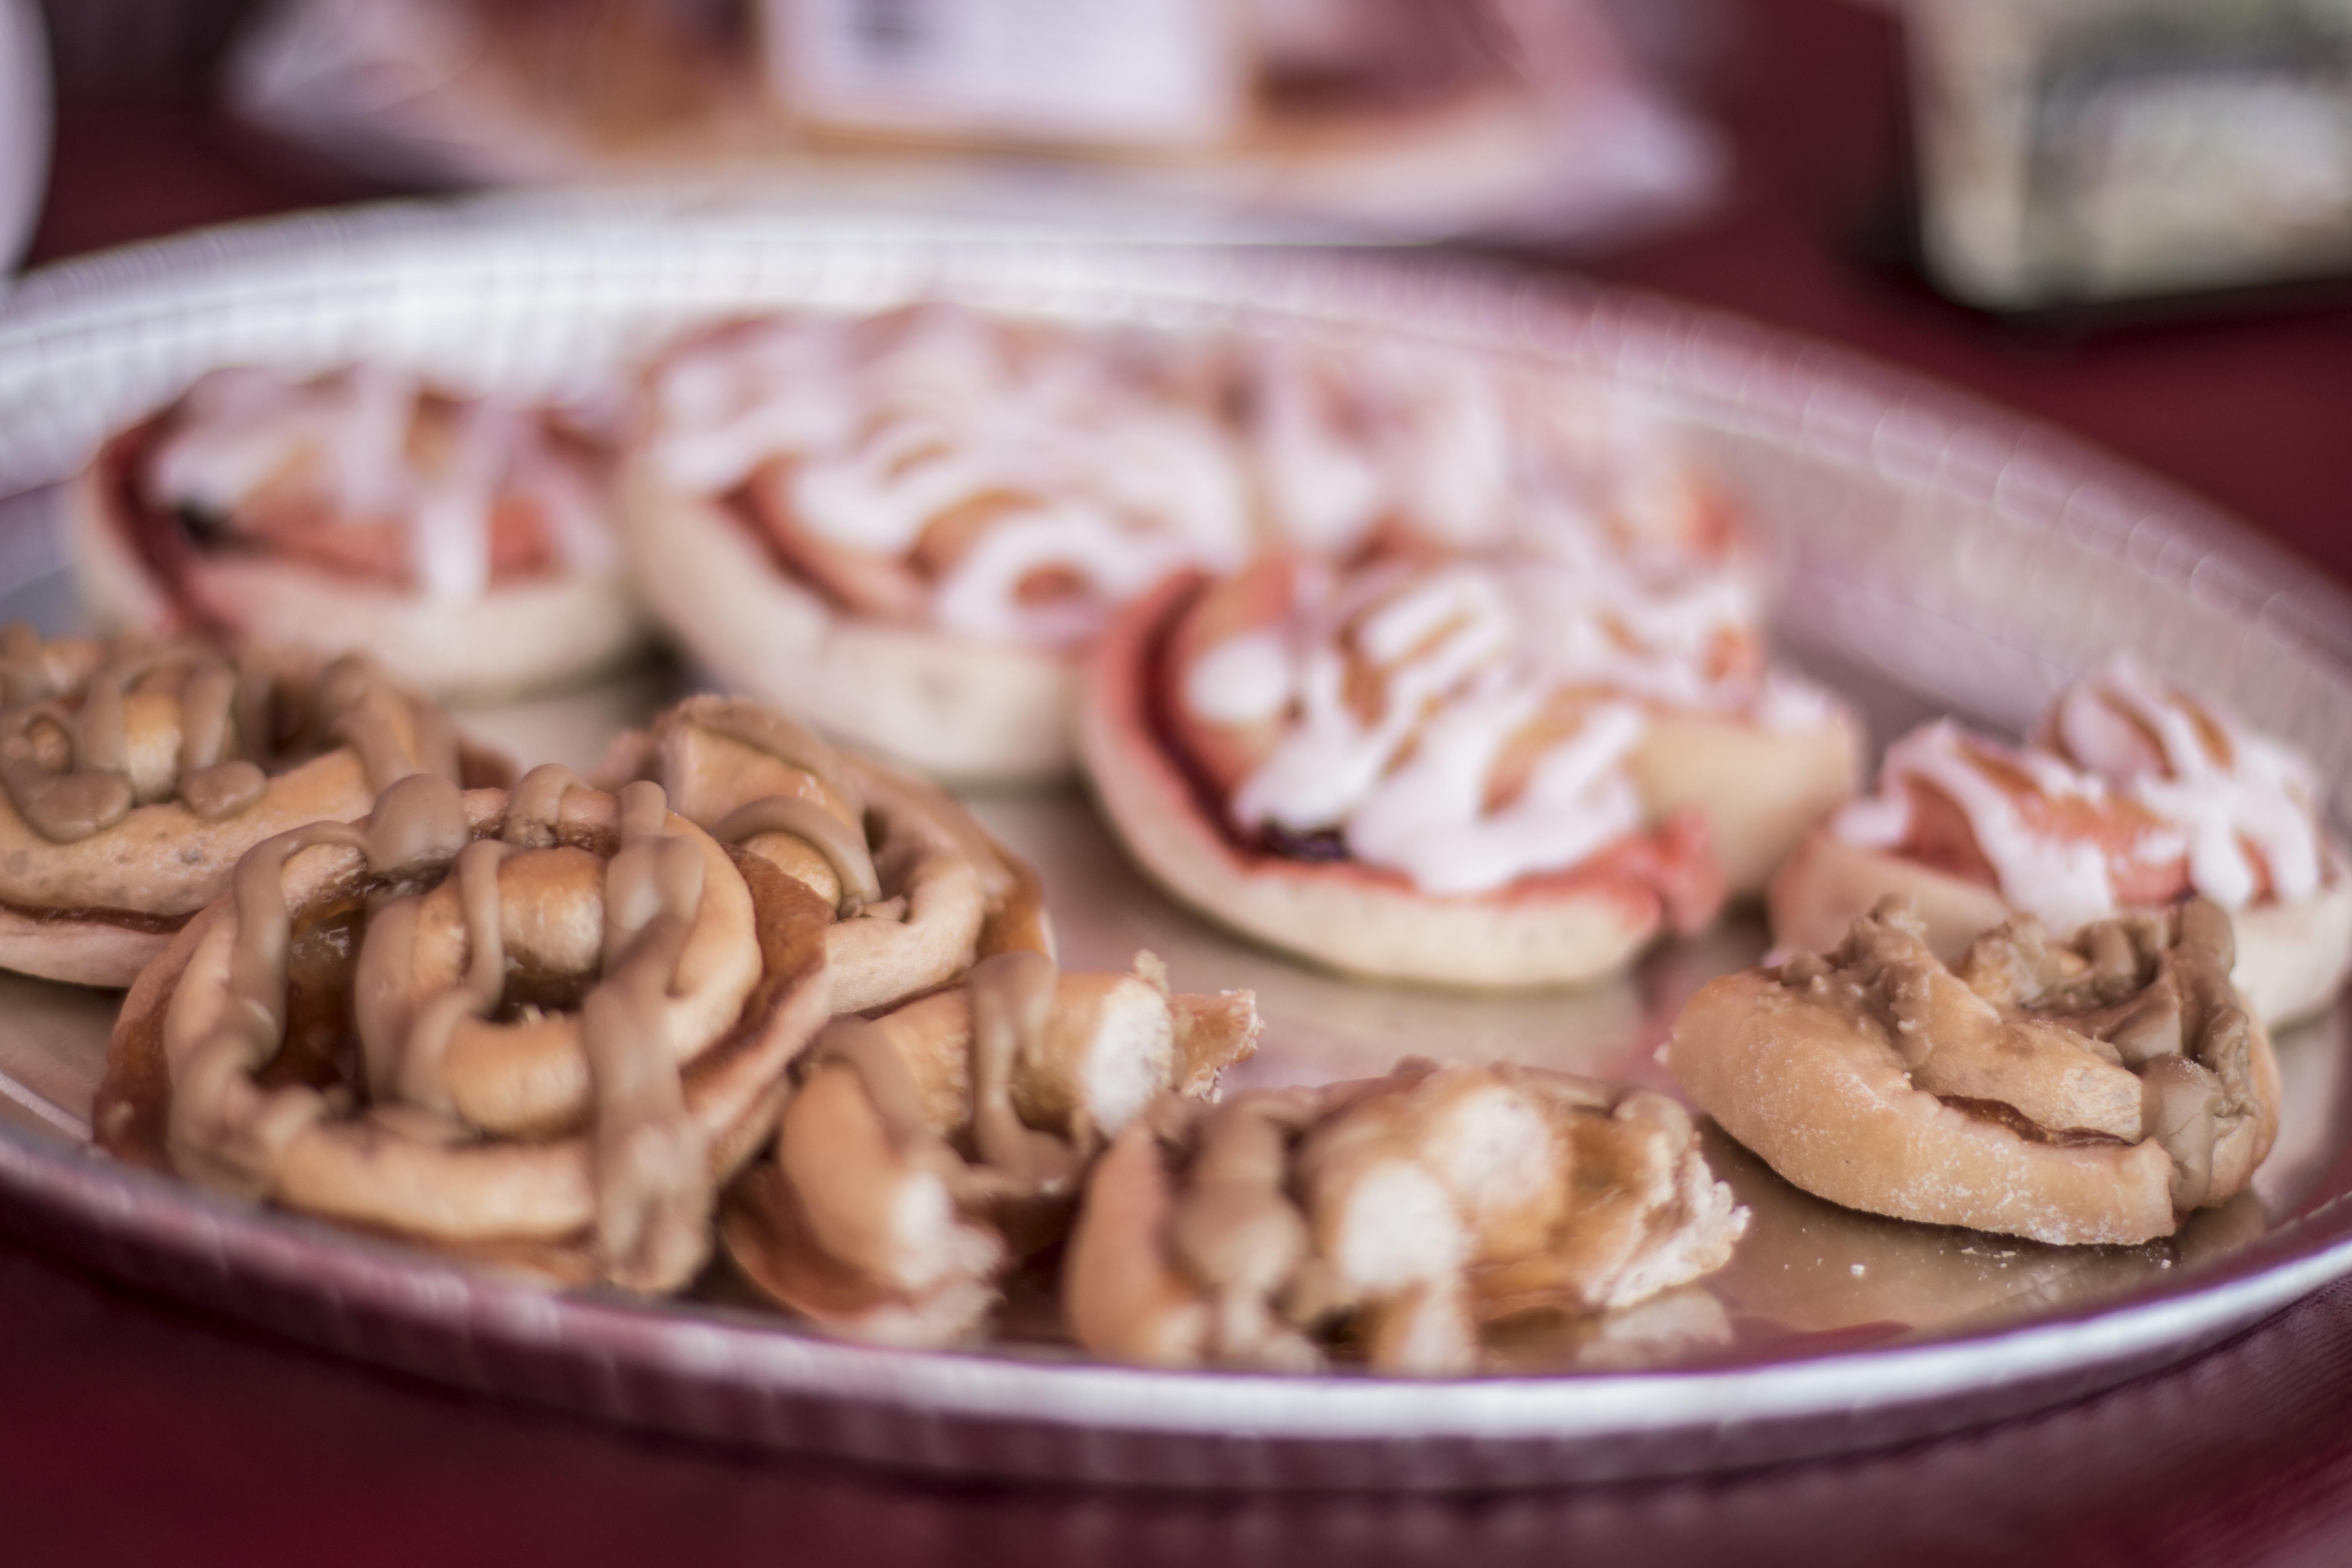 boulangerie lotbiniere